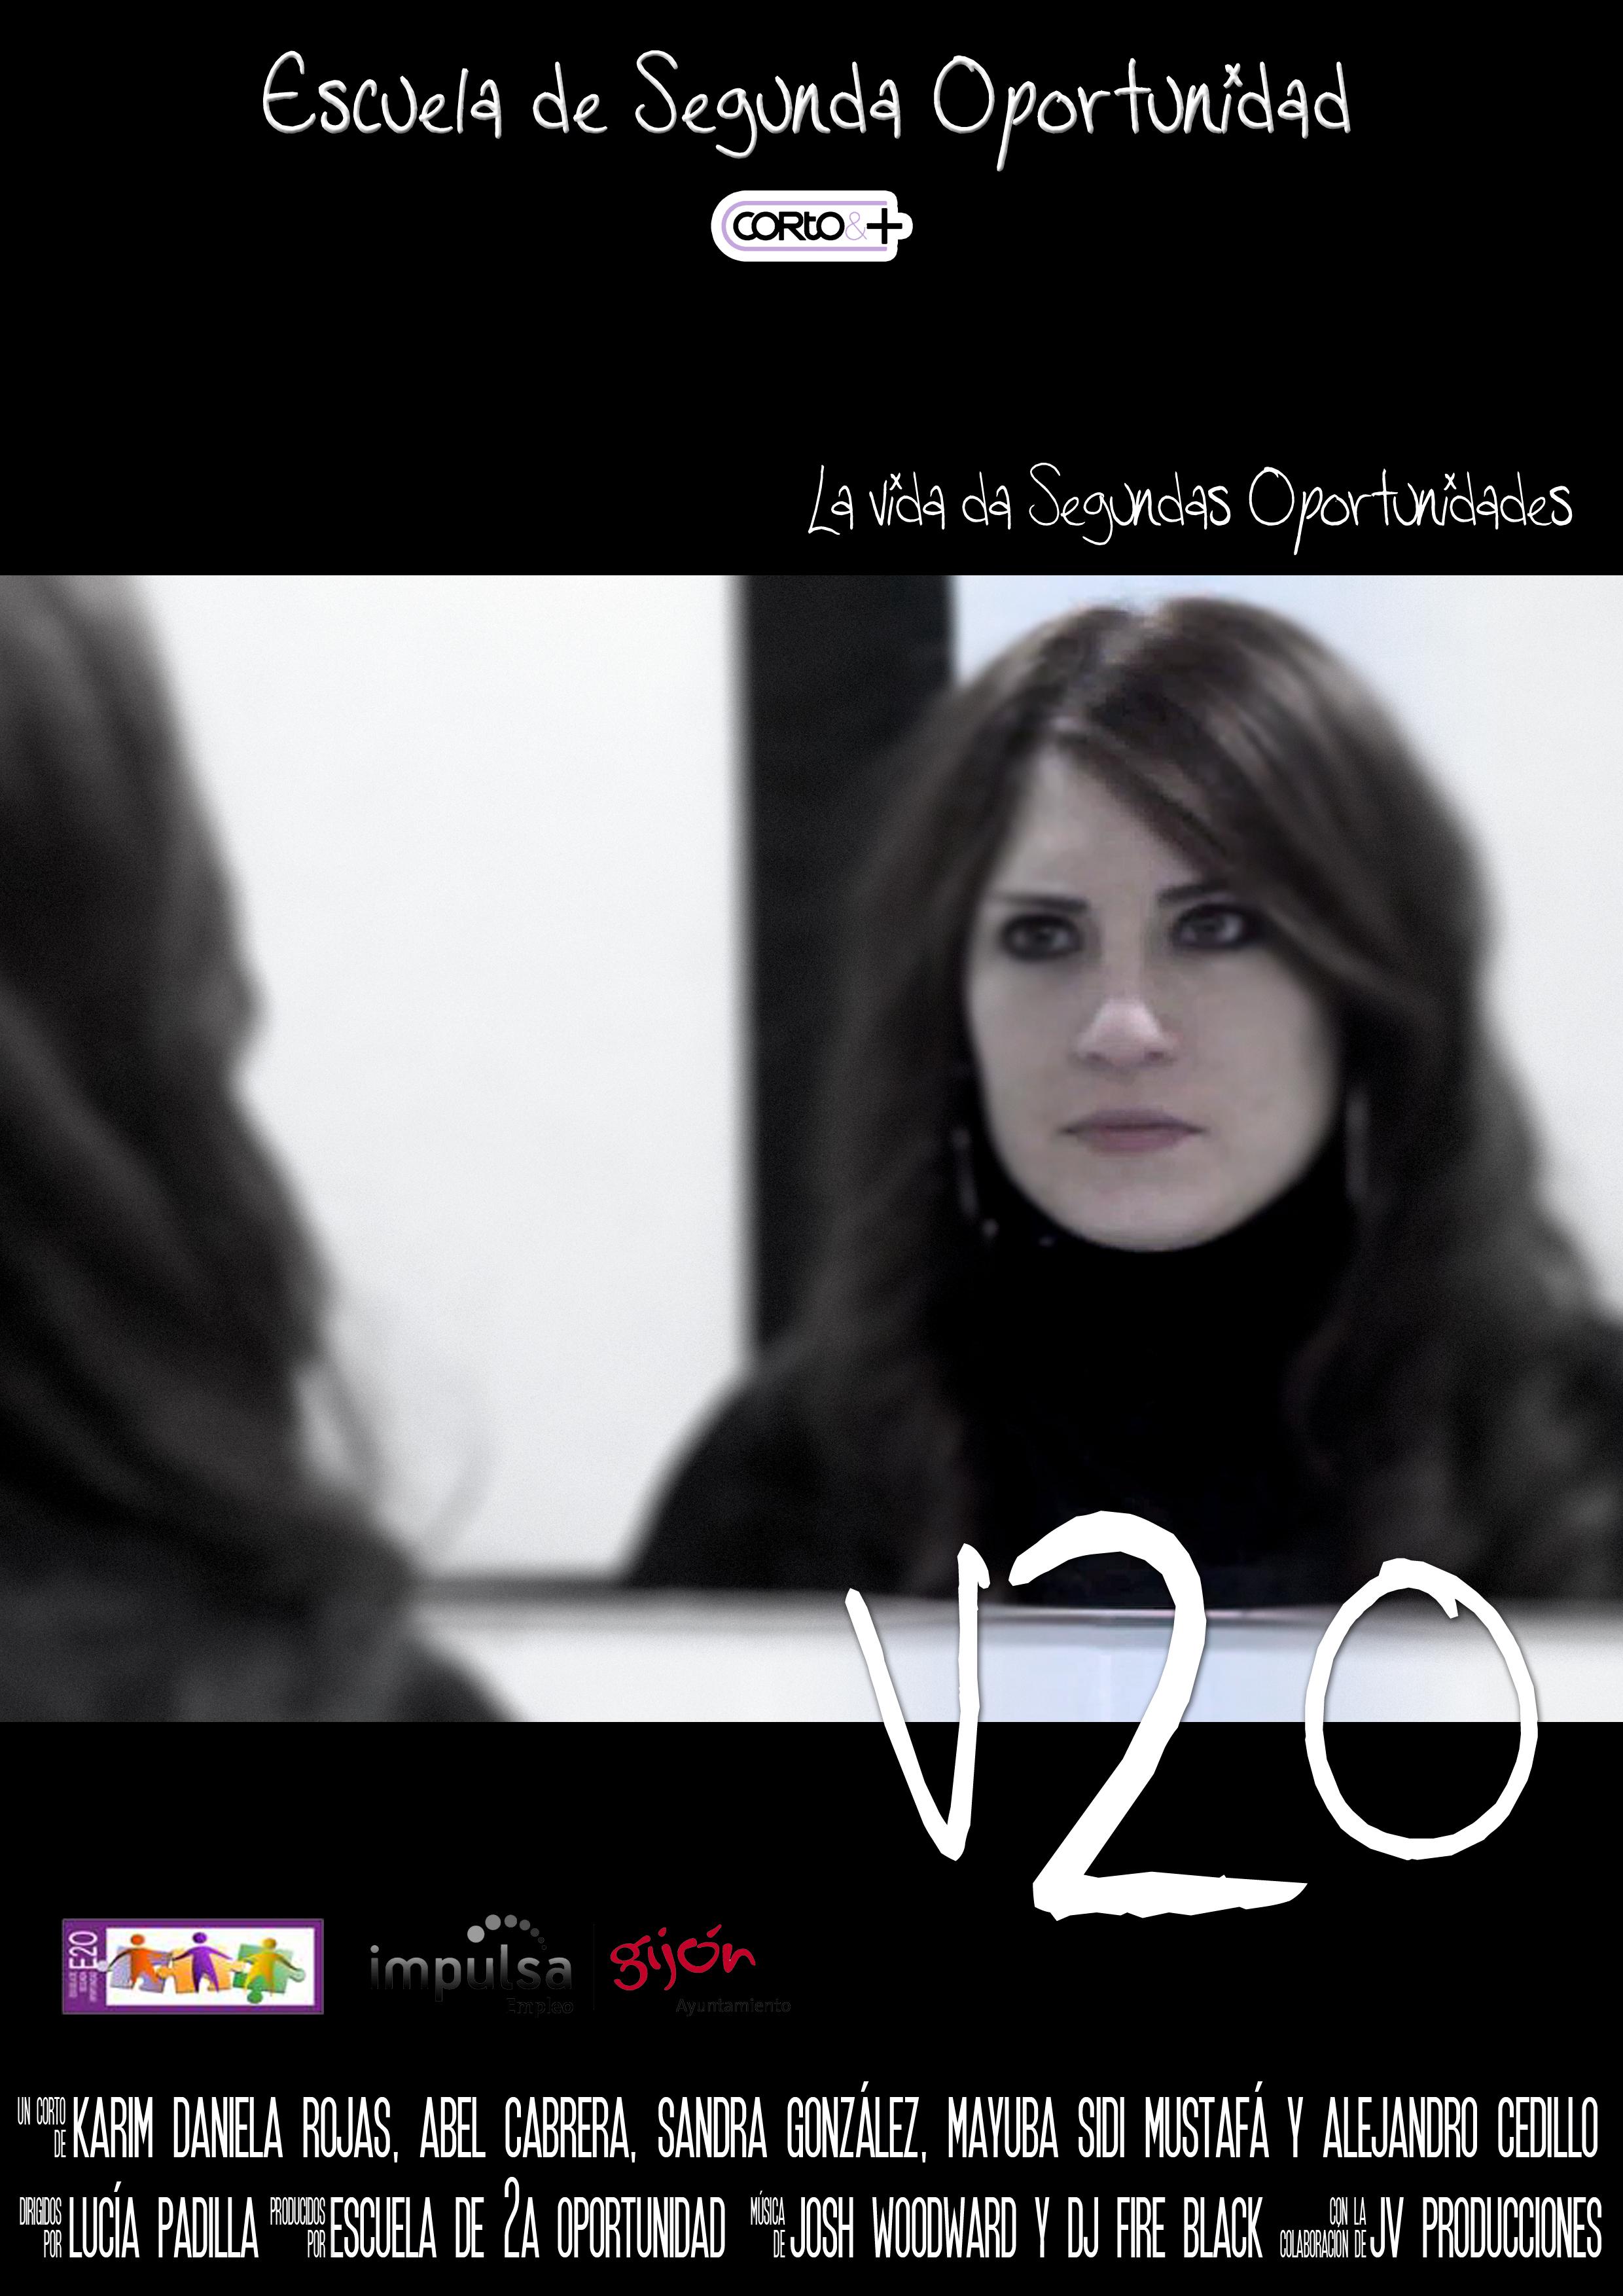 v2o02